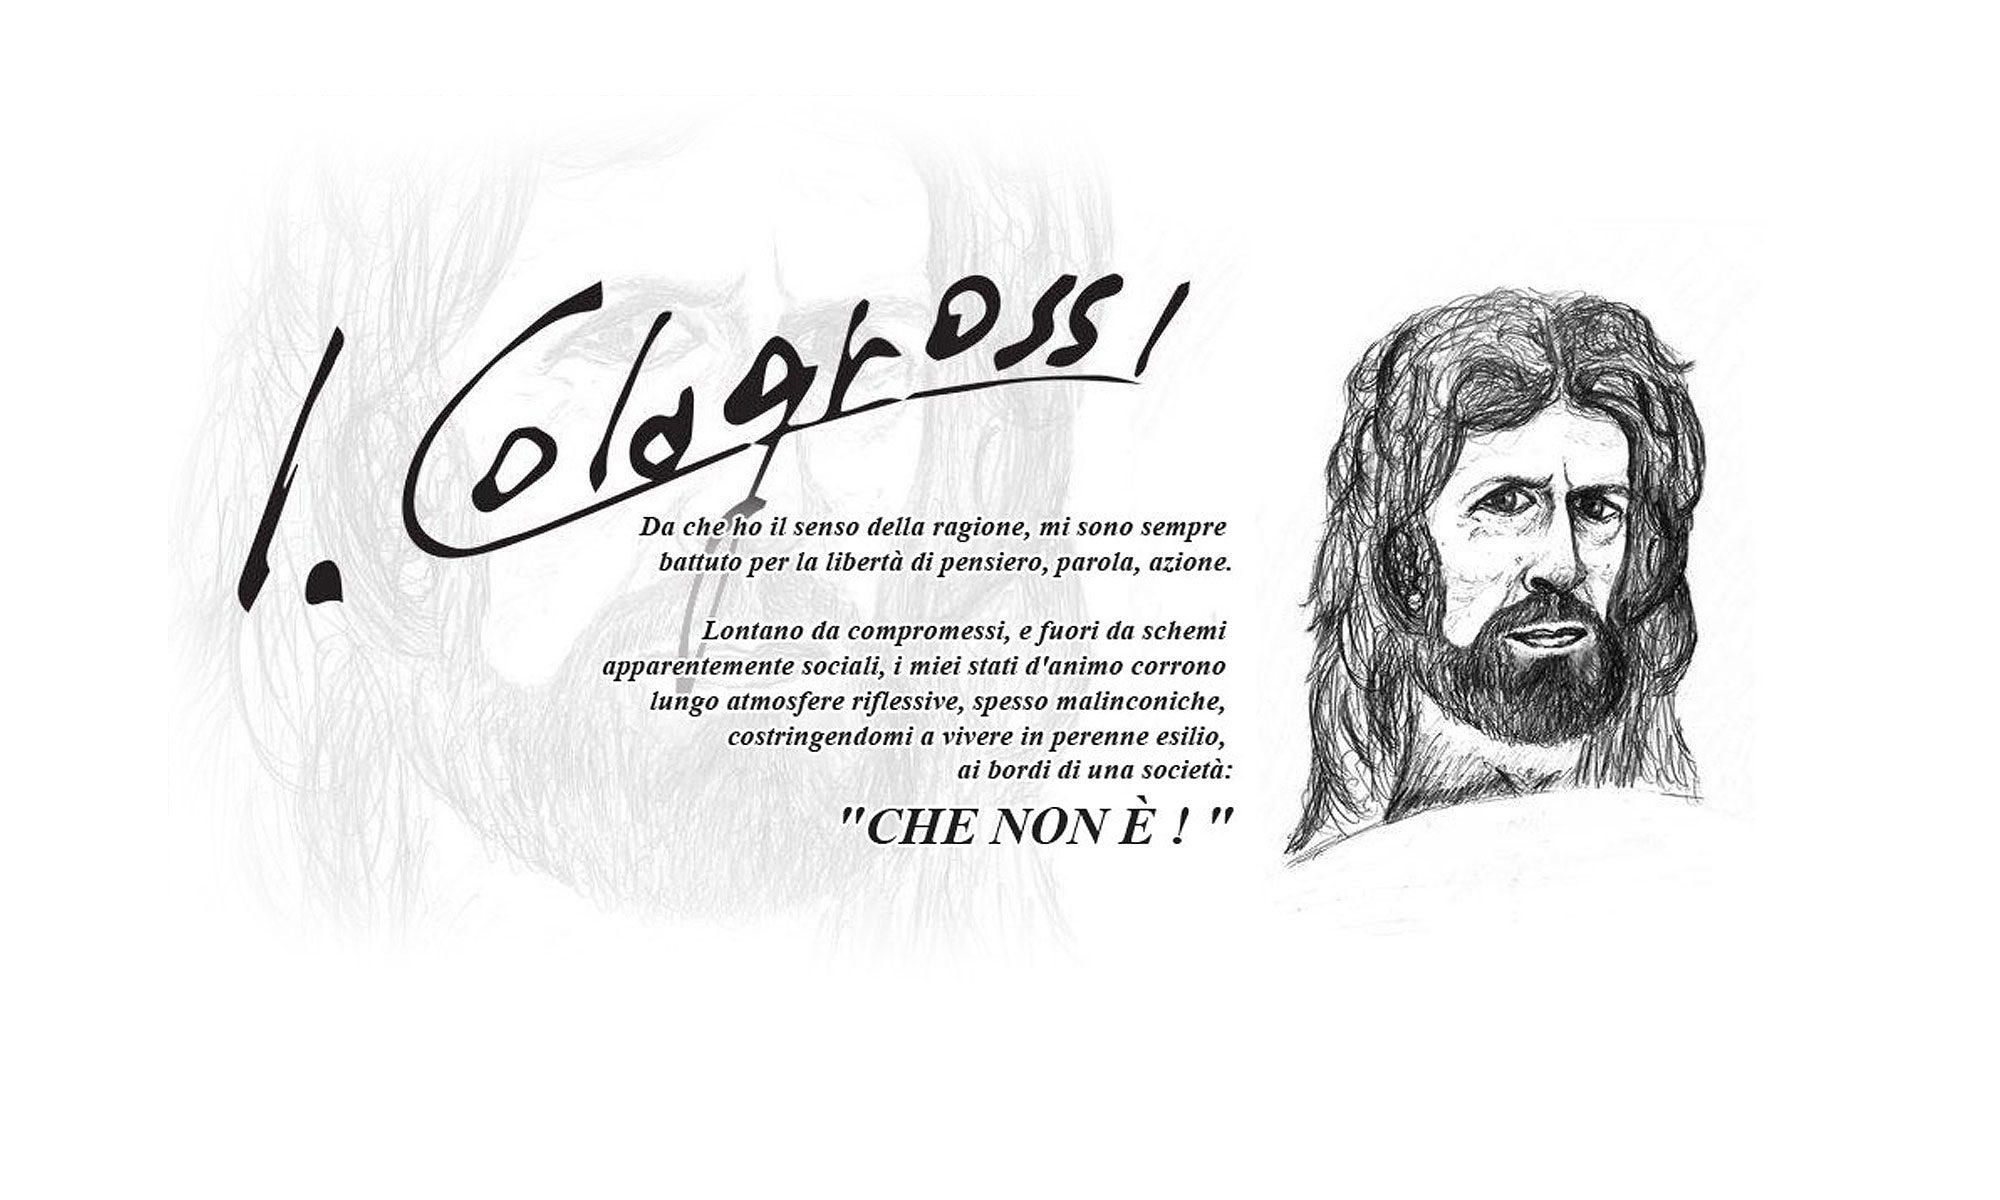 Ignazio Colagrossi